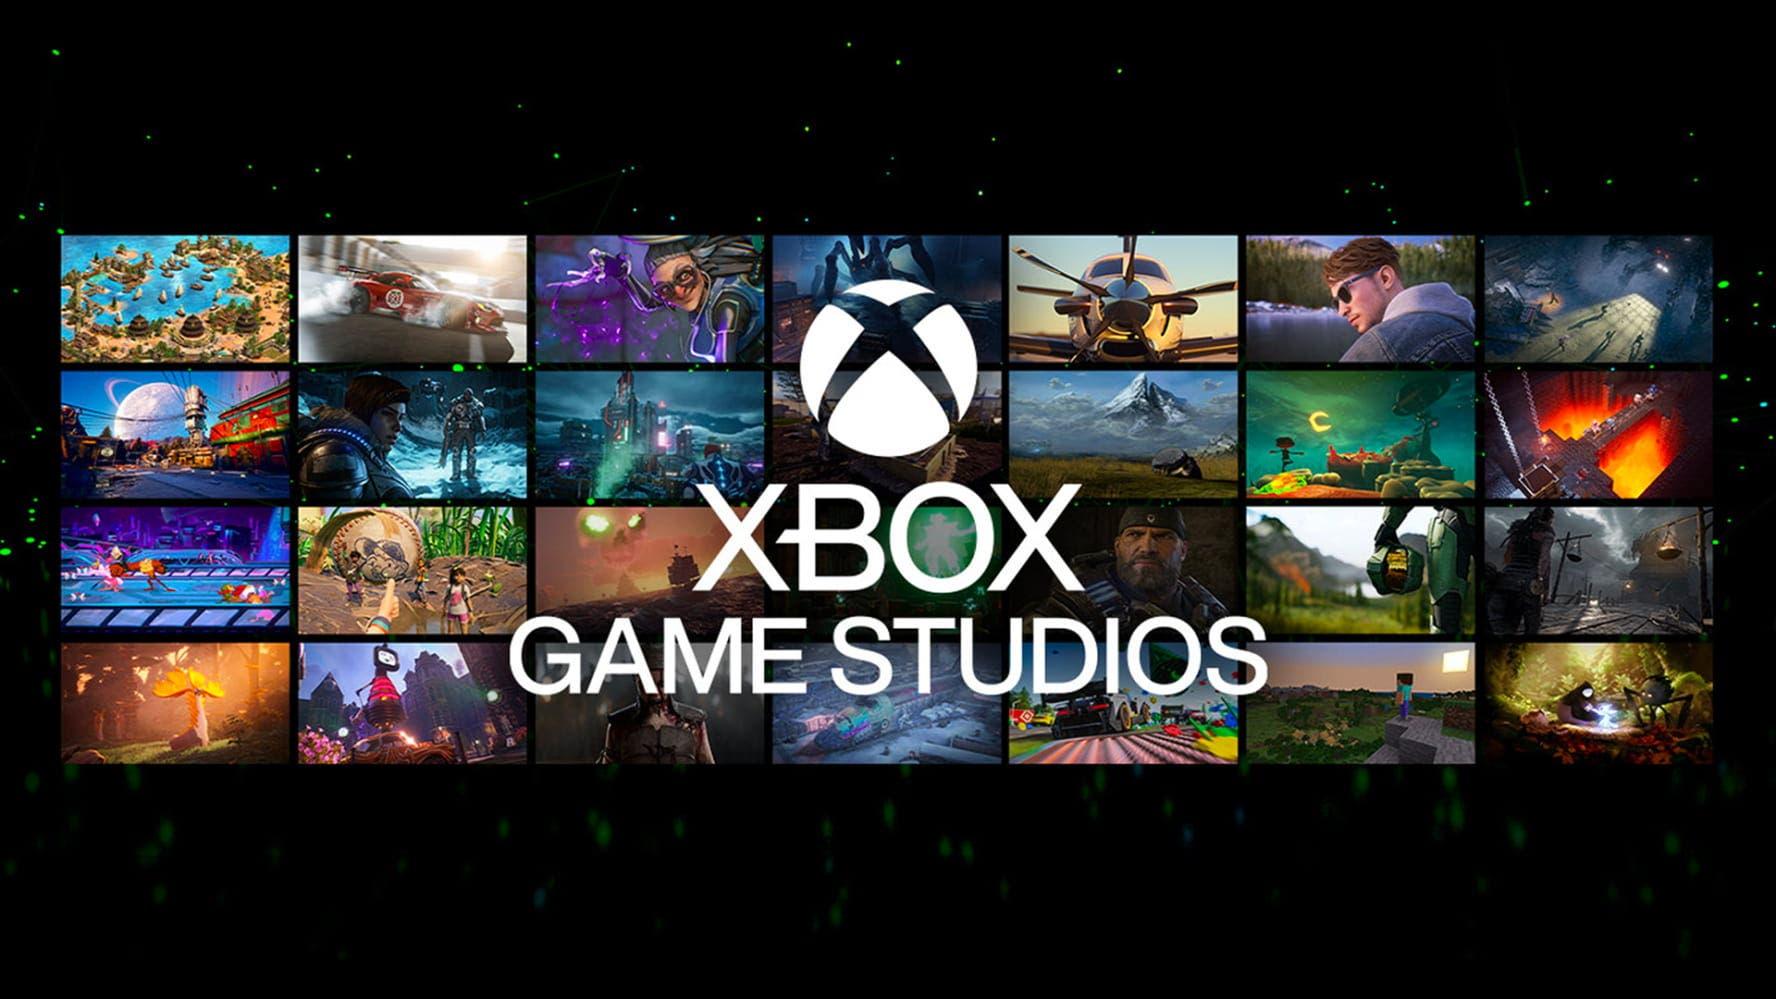 Xbox comparte nuevos detalles de juegos exclusivos no anunciados